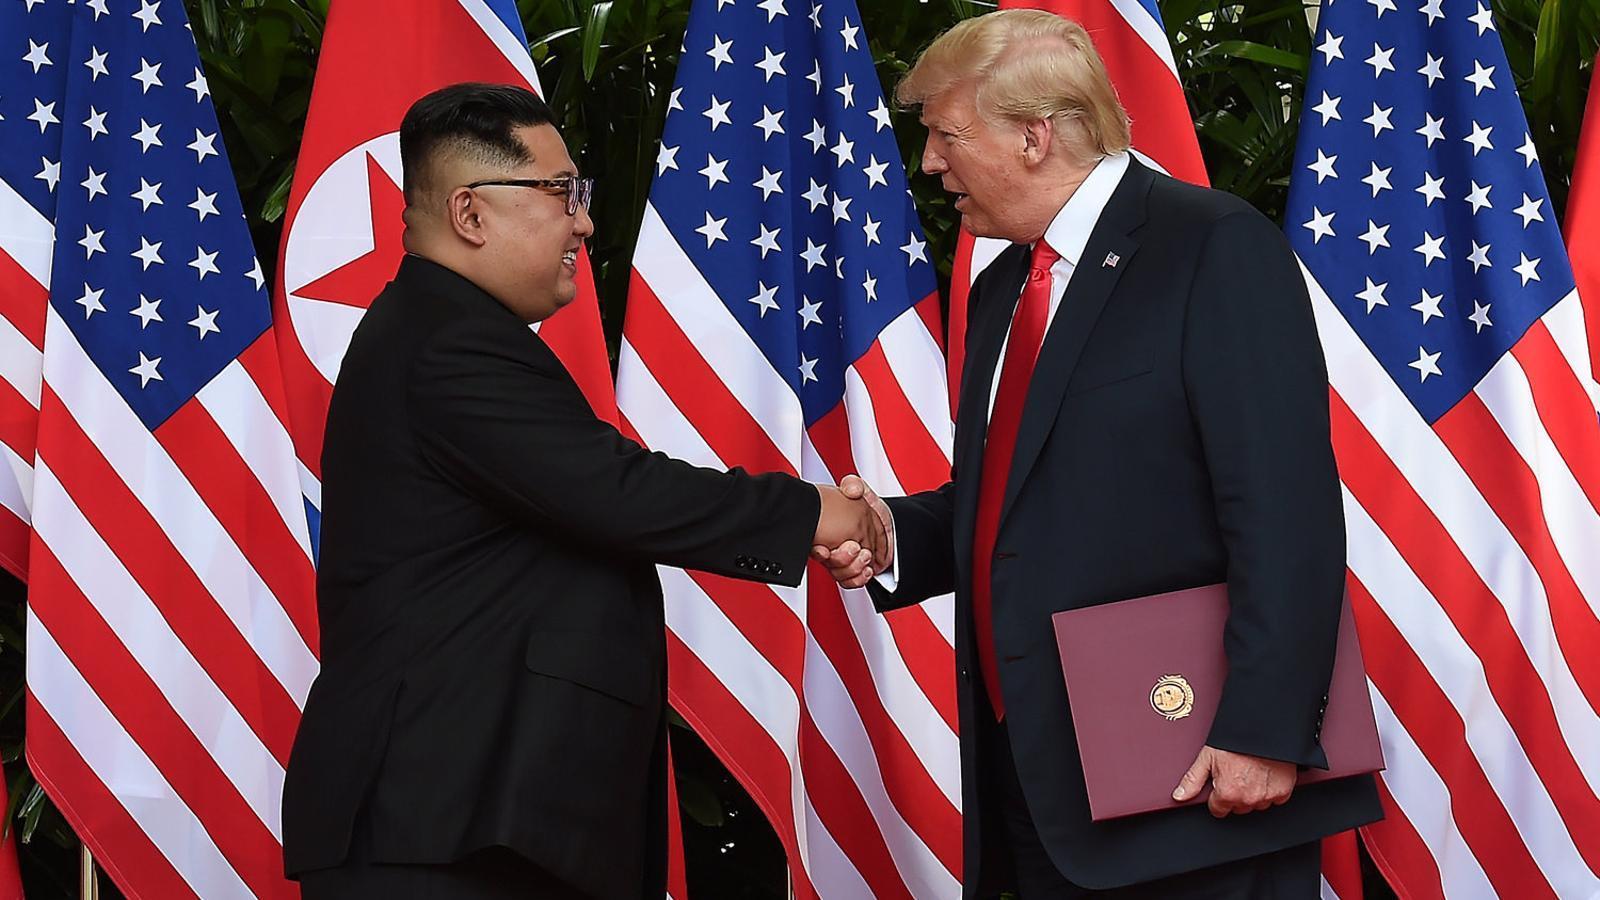 Kim Jong-un continua fabricant míssils